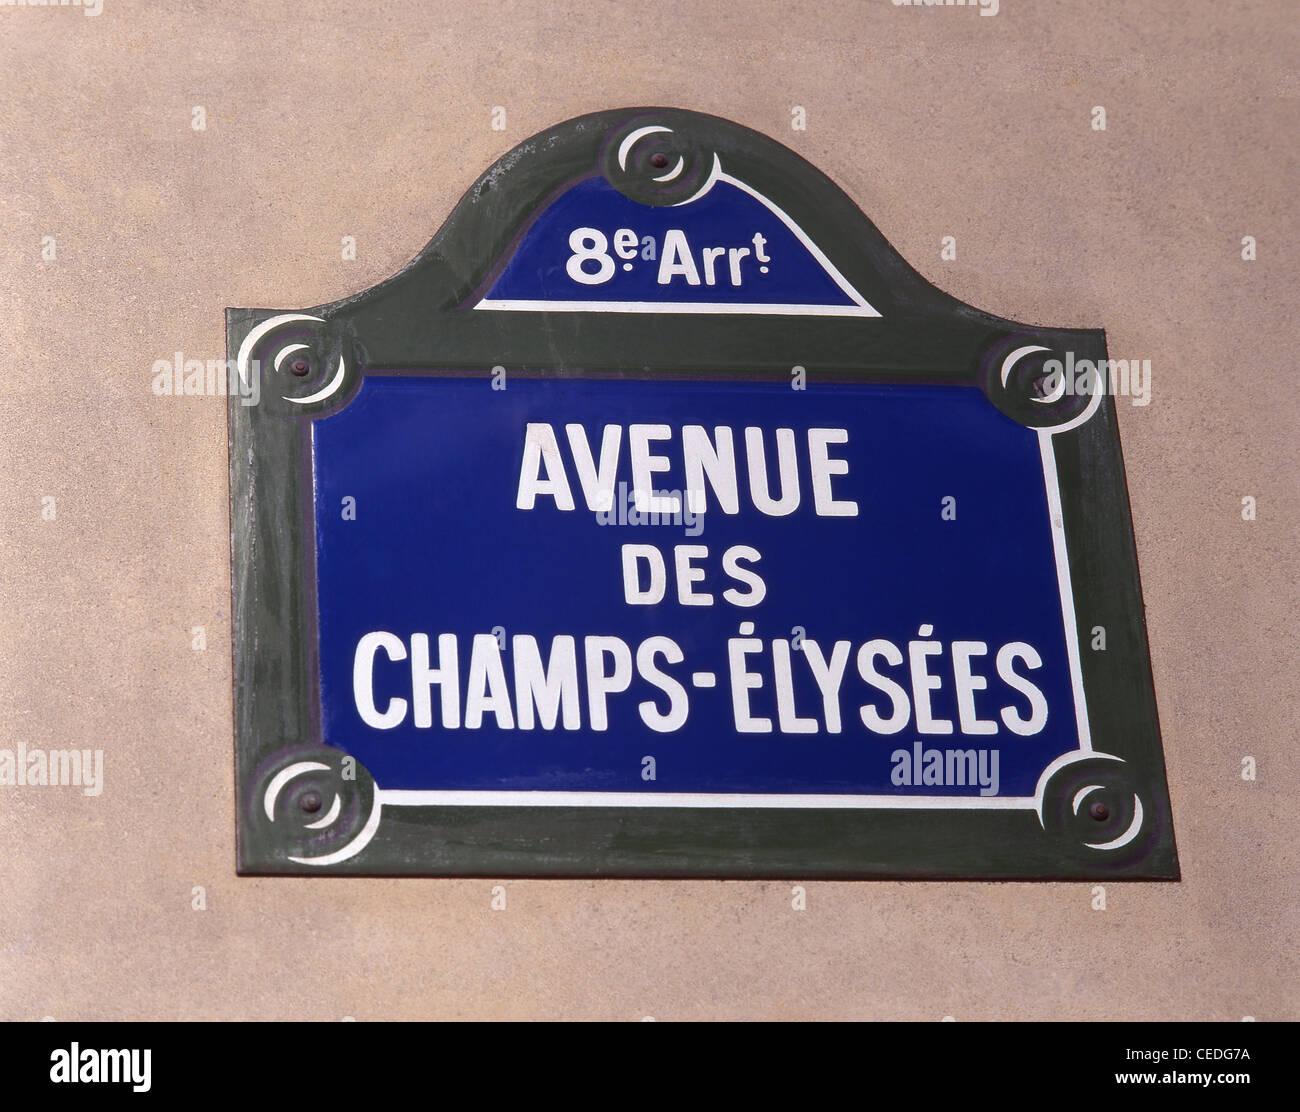 Street sign, Avenue des Champs-Élysées, Paris, Île-de-France, France - Stock Image